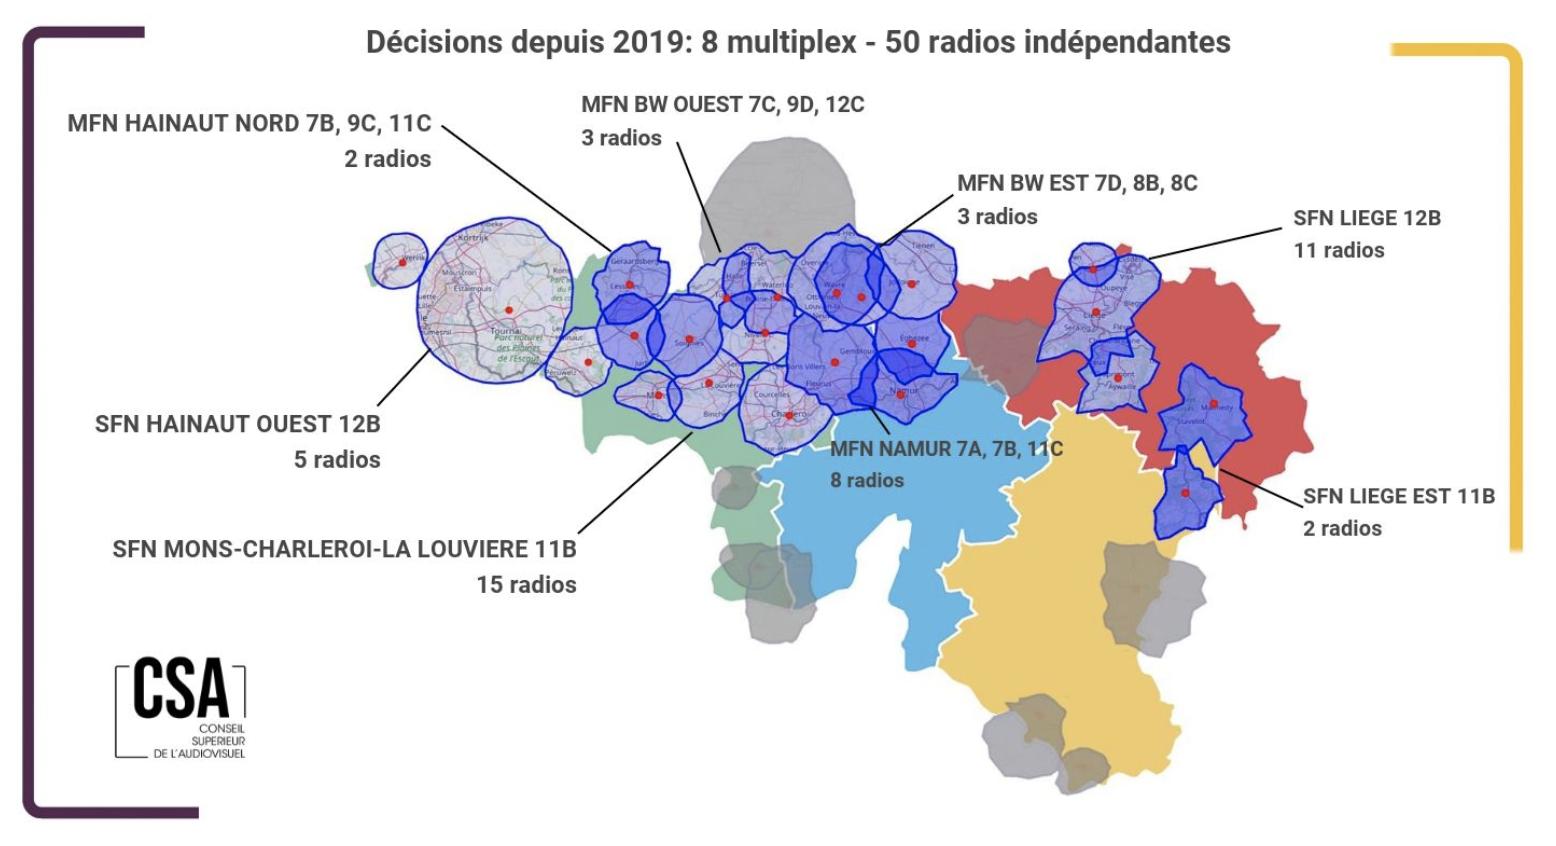 Au total, le cadastre prévoit 12 multipex pour la diffusion de radios indépendantes. 75 radios ont été autorisées en DAB+ © CSA Belgique